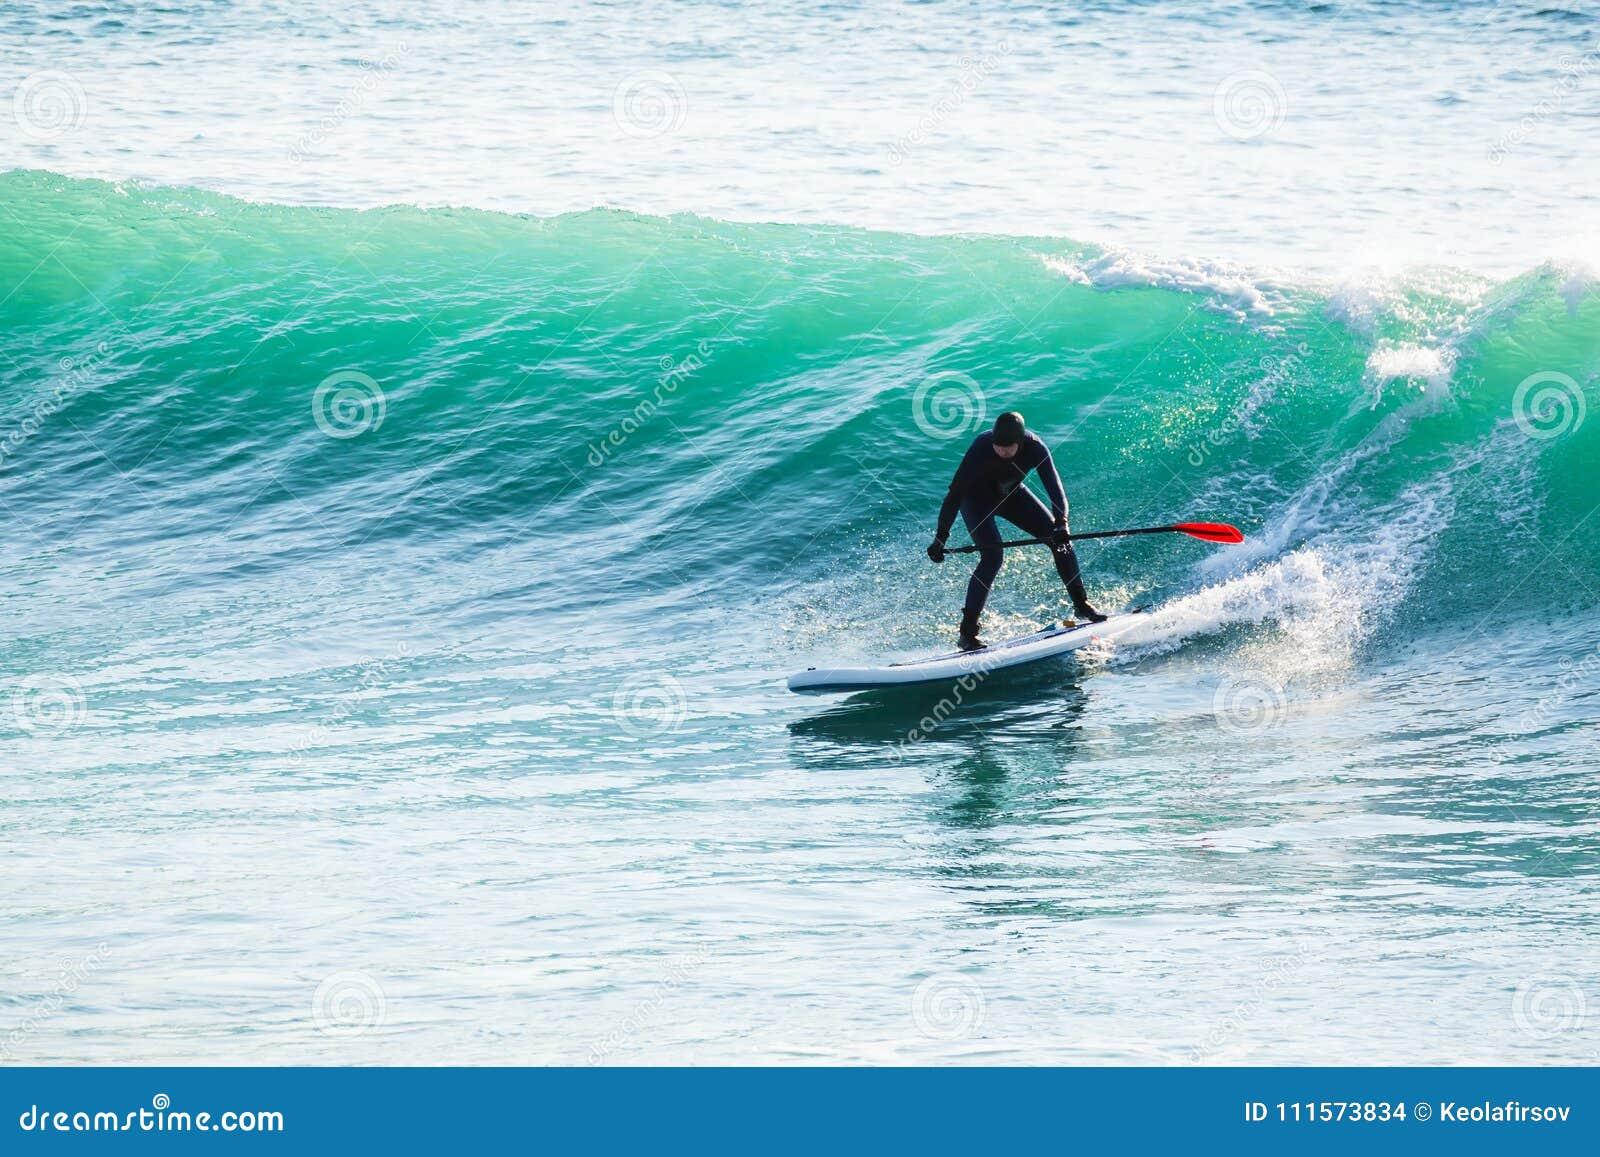 El paseo de la persona que practica surf encendido se levanta el tablero de paleta en olas oceánicas Levántese el embarque de la